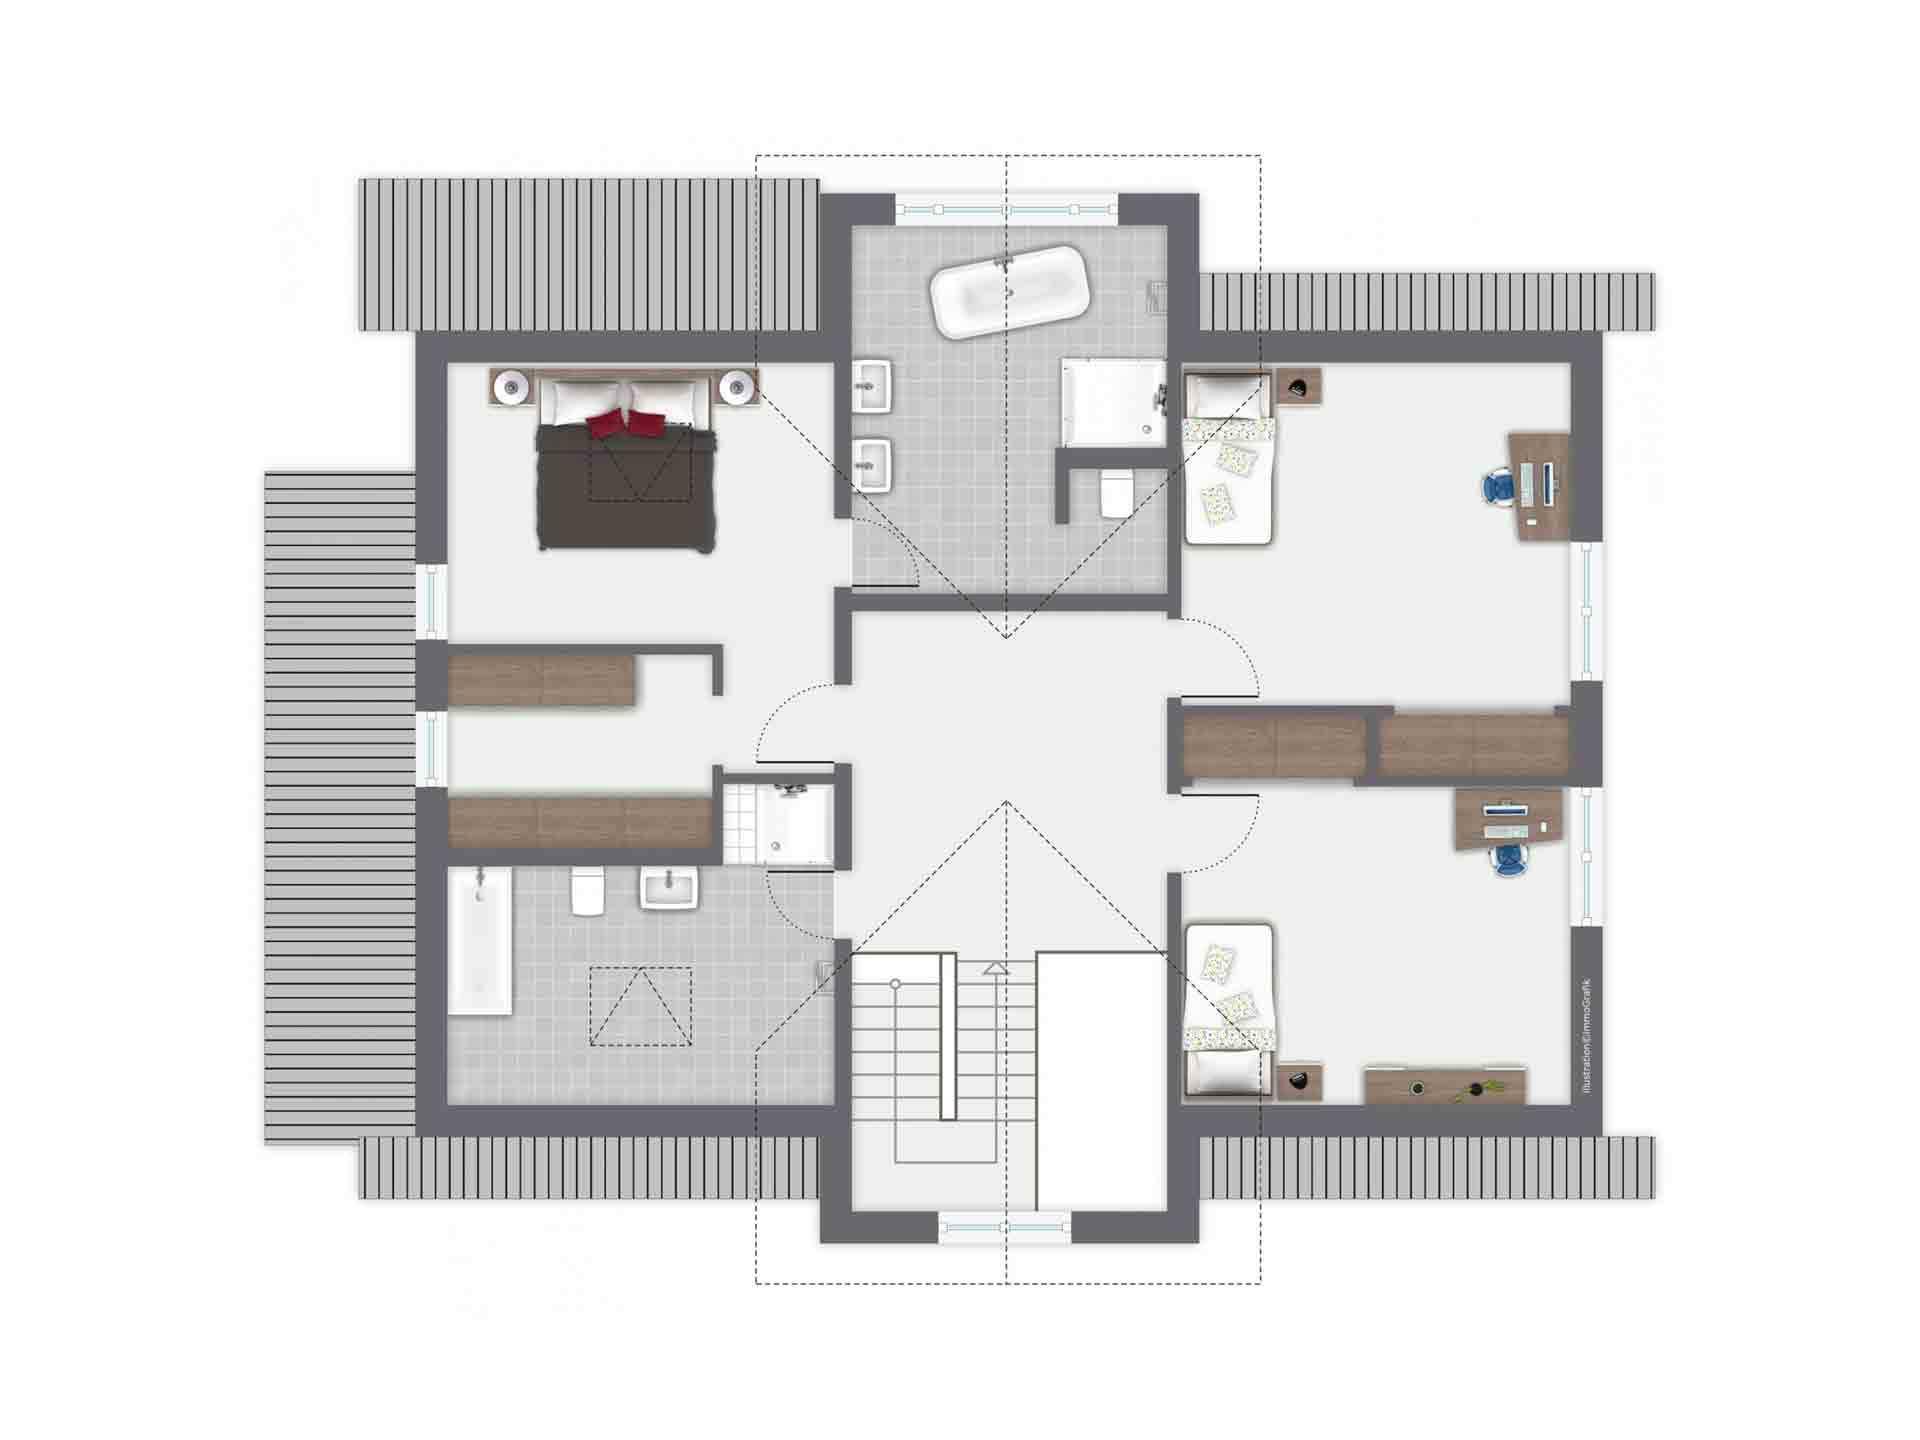 Einfamilienhaus Siebenbrunn - Eine Leiterplatte - Gebäudeplan